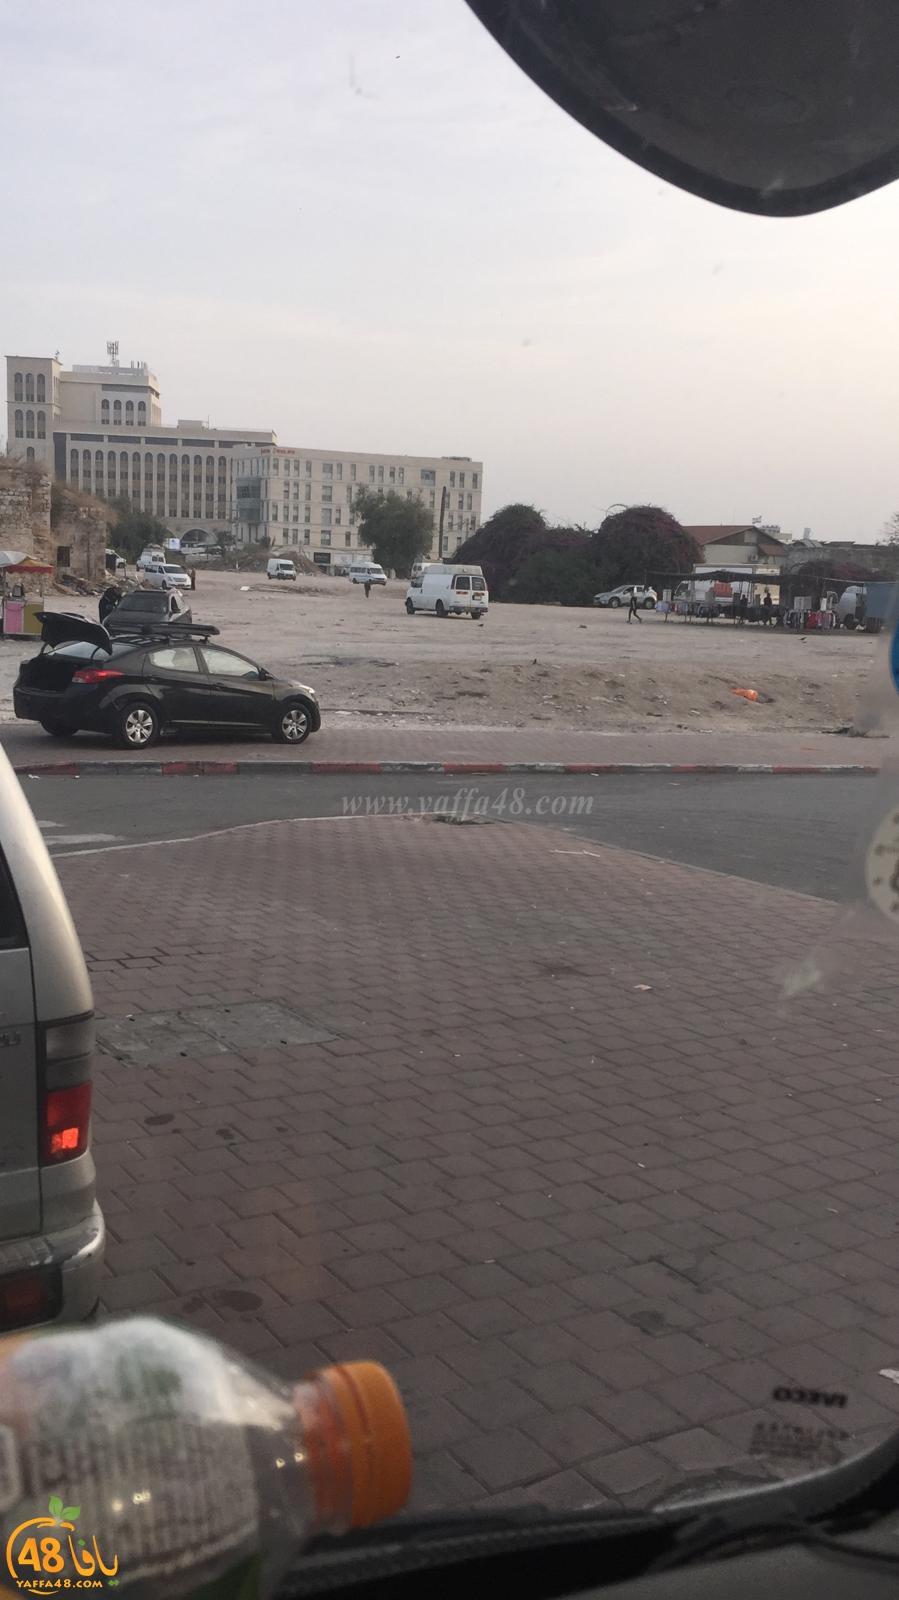 الرملة: البلدية تُوعز بإغلاق سوق الأربعاء بسبب الأوضاع الأمنية